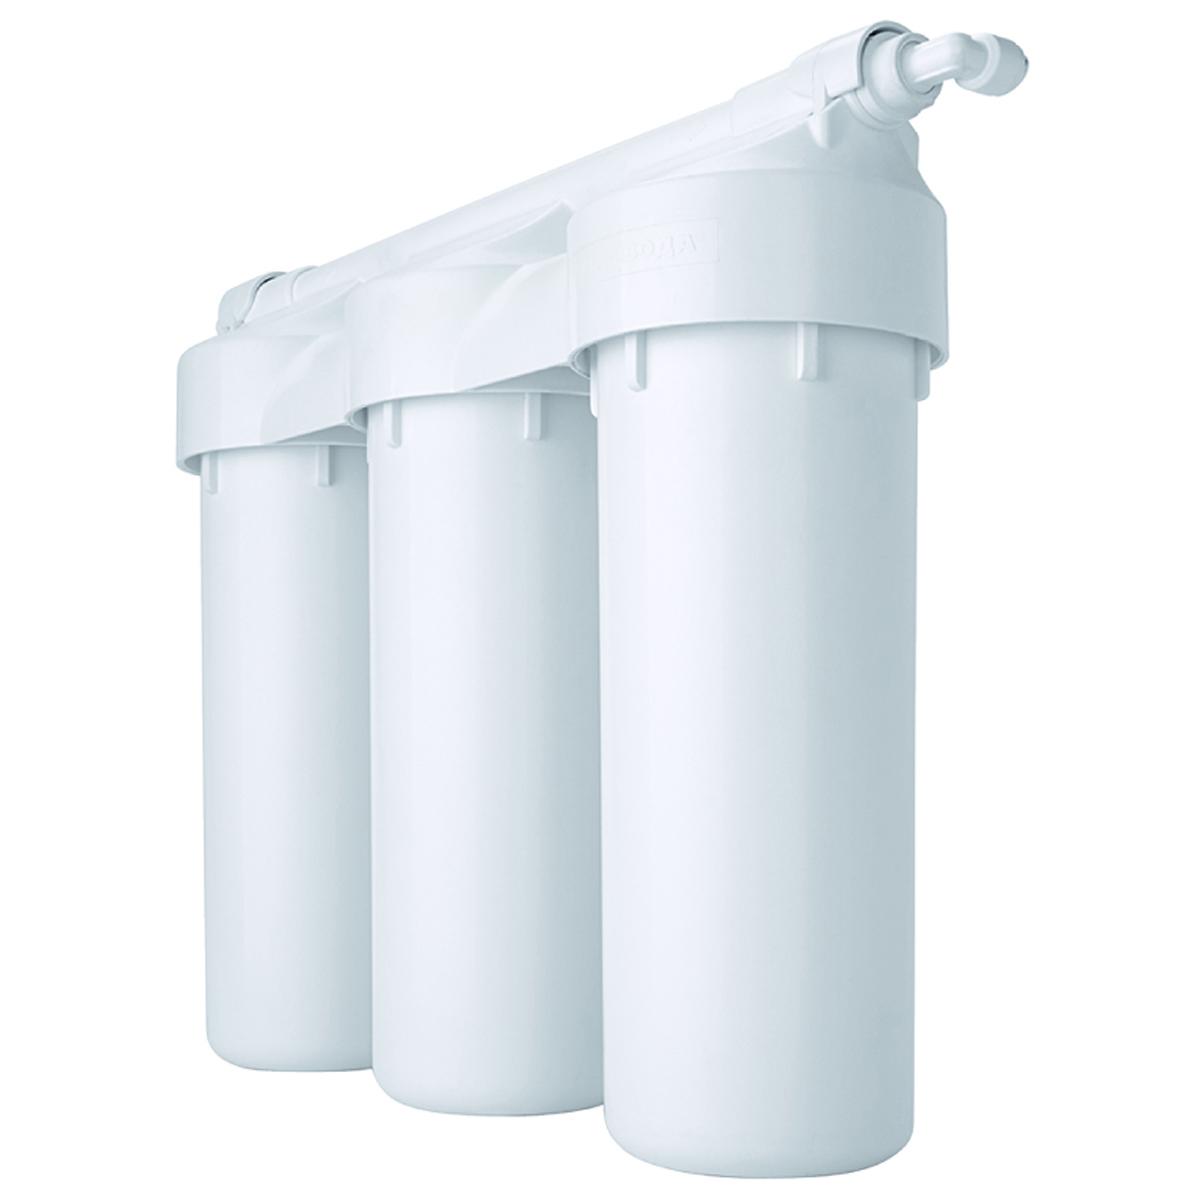 Водоочиститель Prio Praktic. EU305, с защитой от перепадов давленияEU305В новой линейке Praktic соединены проверенные временем традиционные решения на базе стандартных 10-дюймовых картриджей с современными техническими решениями 21 века и немецкими технологиями от компании Prio®. Фильтры серии Praktic превосходно очищают водопроводную воду от всех самых опасных загрязнений, в том числе хлора и хлорной органики, механических примесей, канцерогенов, тяжелых металлов и т. д., улучшают вкус воды, устраняют посторонние запахи. В результате воду можно пить без кипячения, готовить на её основе еду и напитки даже для грудных детей. Ключевые особенности фильтров серии Praktic, выгодно отличающие их от большинства систем других производителей: - благодаря армированному корпусу и увеличенному количеству витков резьбы в местах соединения - выдерживают максимальное ударное давление до 28 атм, 100 тыс гидроударов (по методике тестирования целостности согласно NSF 58) - цельнолитая «голова» исключает вероятные протечки в местах соединения -...